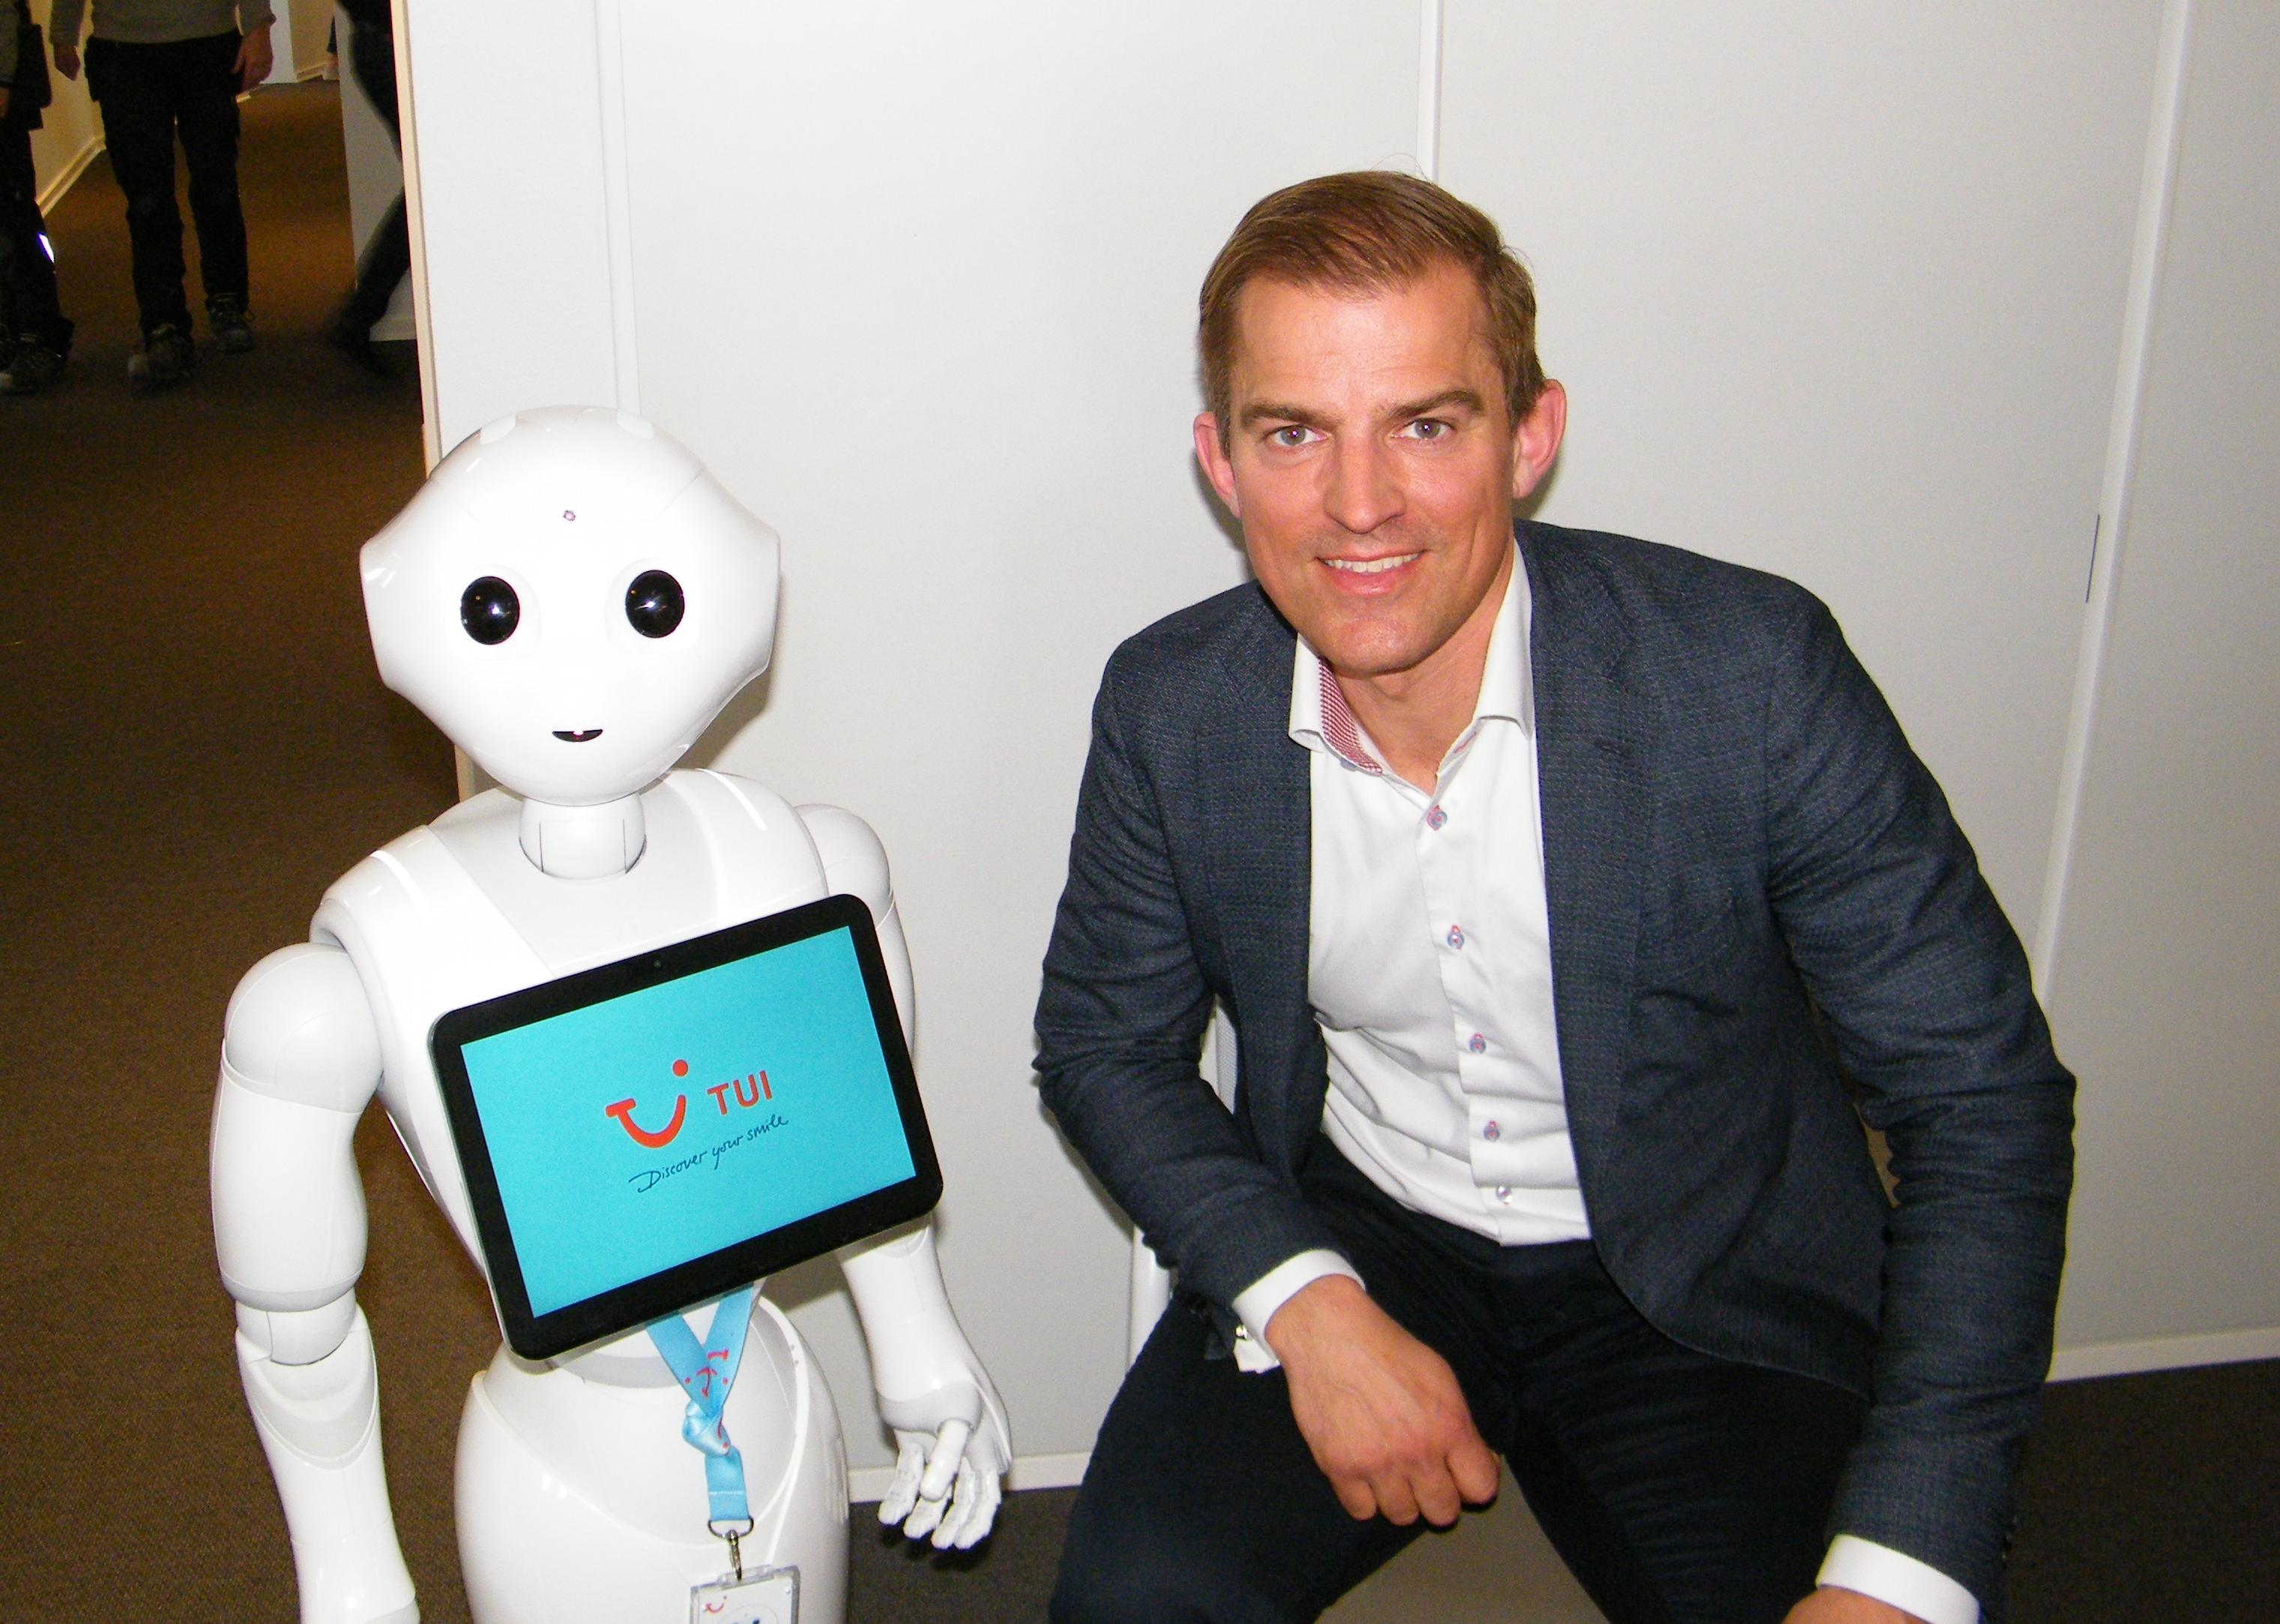 TUI's nordiske direktør, Alexander Huber, til højre, på TUI's nye danske salgskontor i København – sammen med en hjælpsom robot, der kan svare på en række spørgsmål. Foto: Henrik Baumgarten.